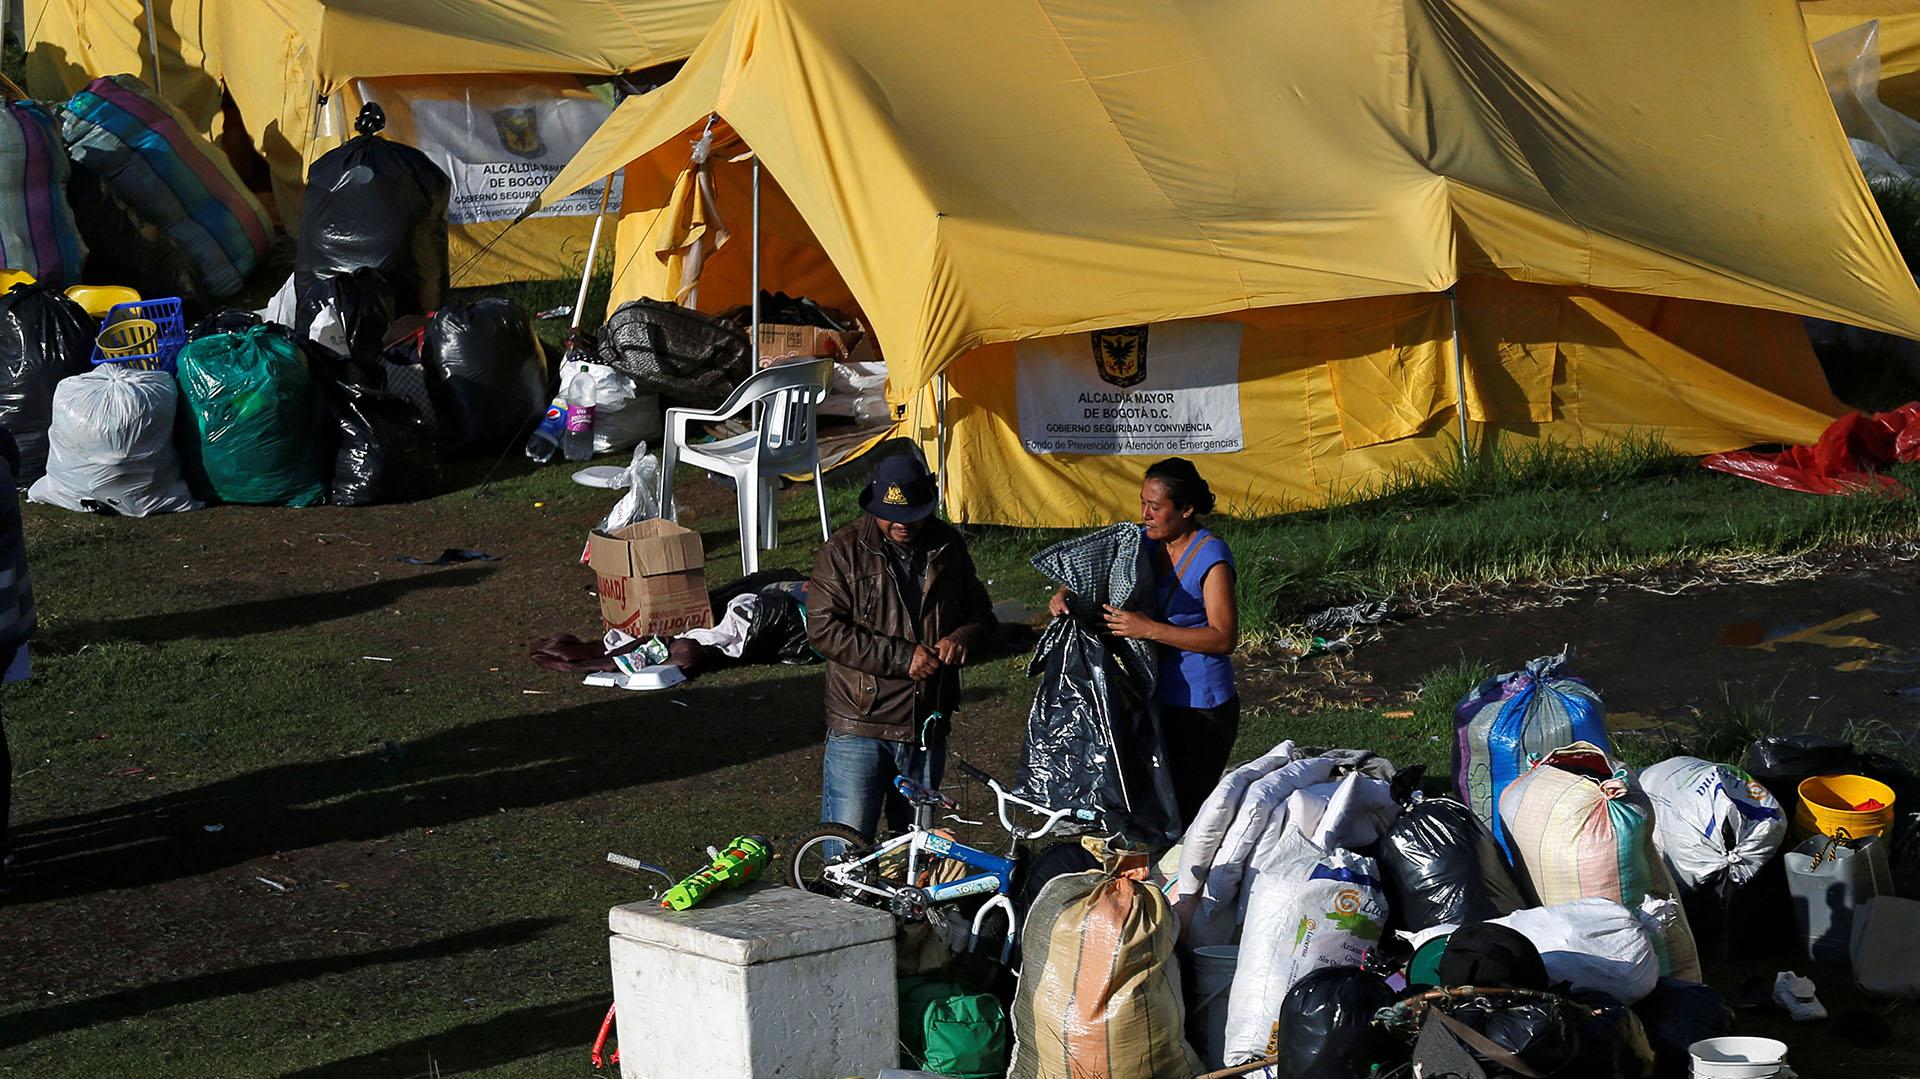 La Alcaldía de Bogotá desalojó a los últimos 83 migrantes venezolanos que residían en un campamento (REUTERS/Luisa Gonzalez)